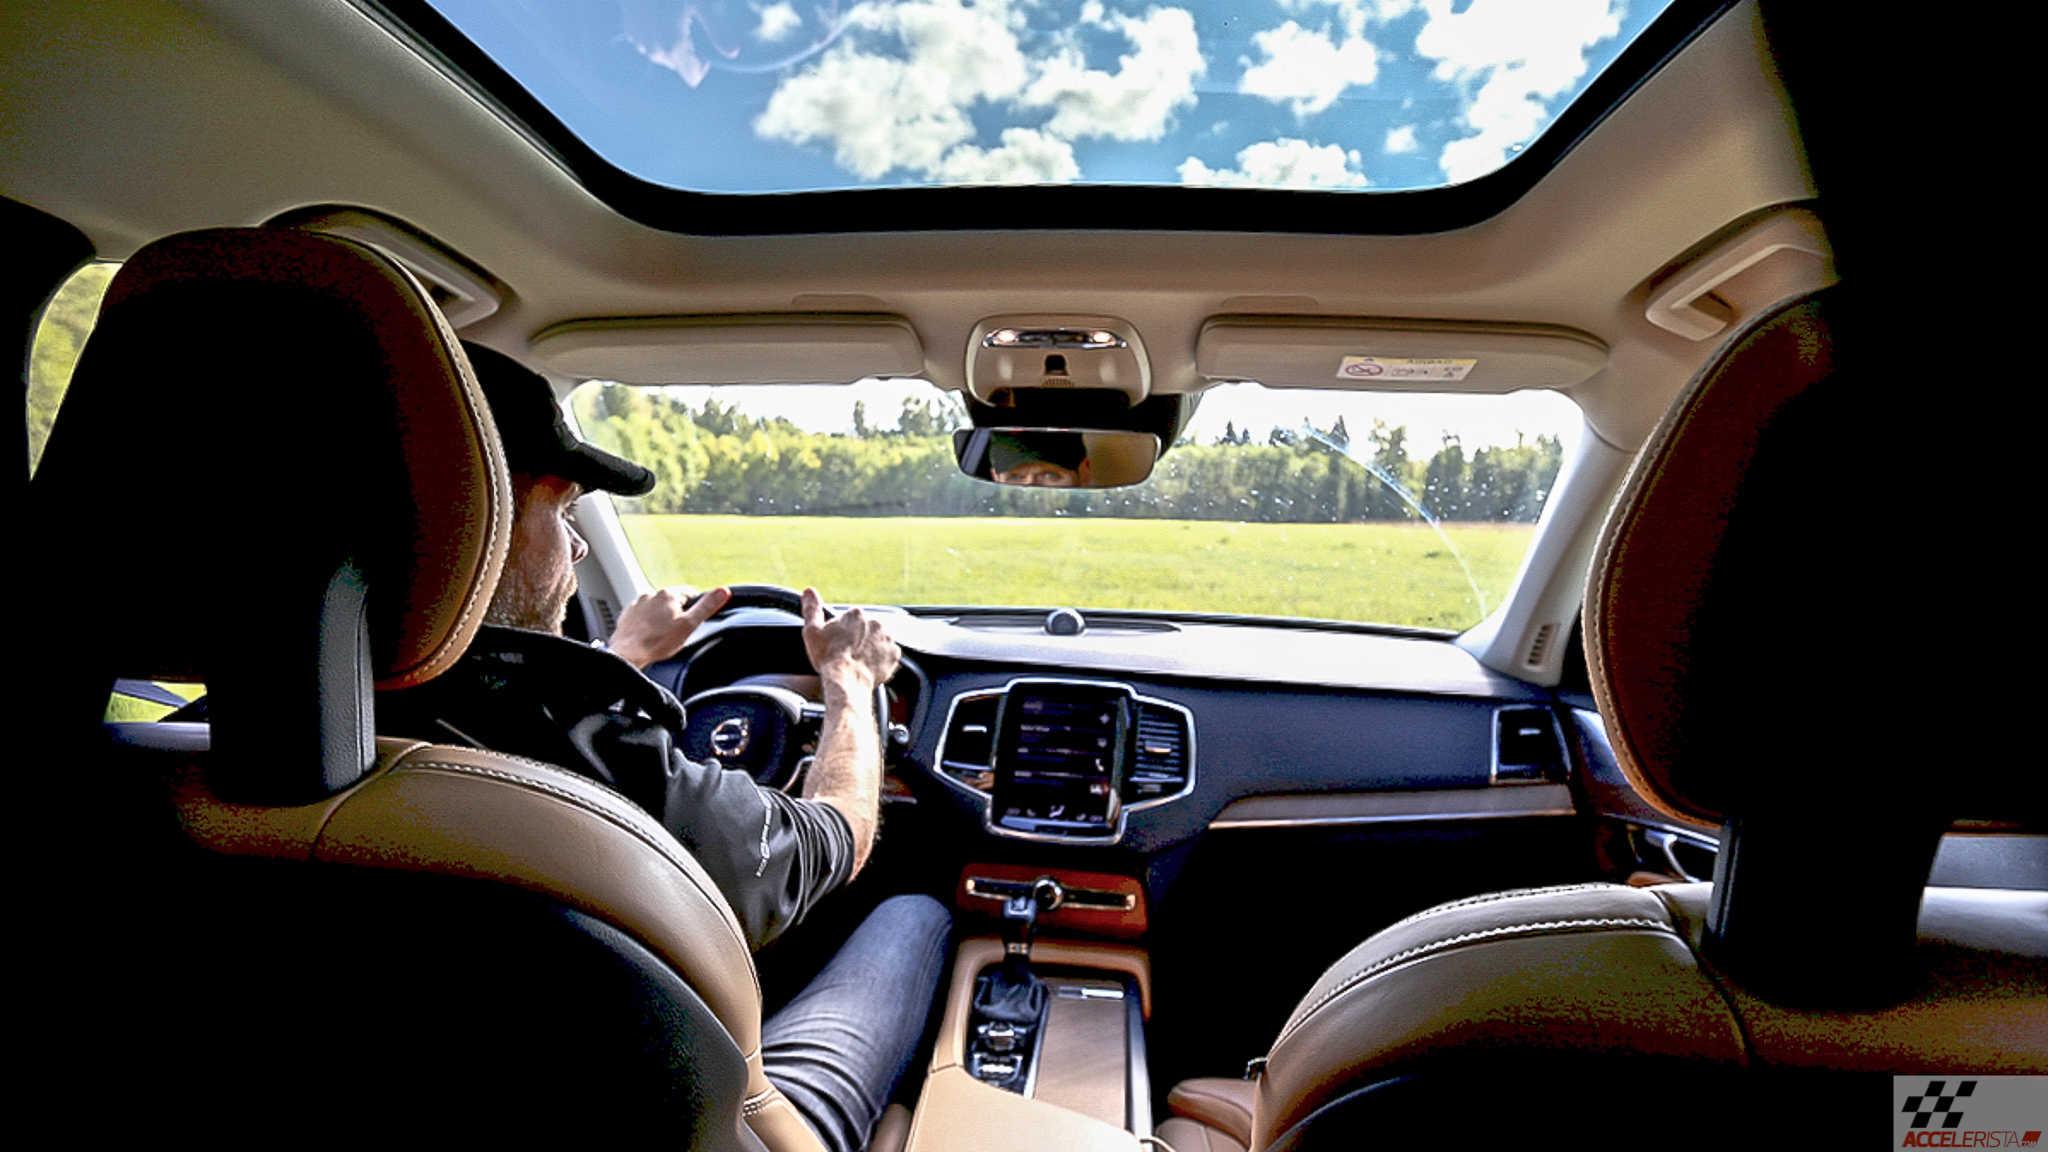 3c9f4fa4cdc Video: Kõrvalised tegevused roolis jätavad auto ohtlikult pikaks ...